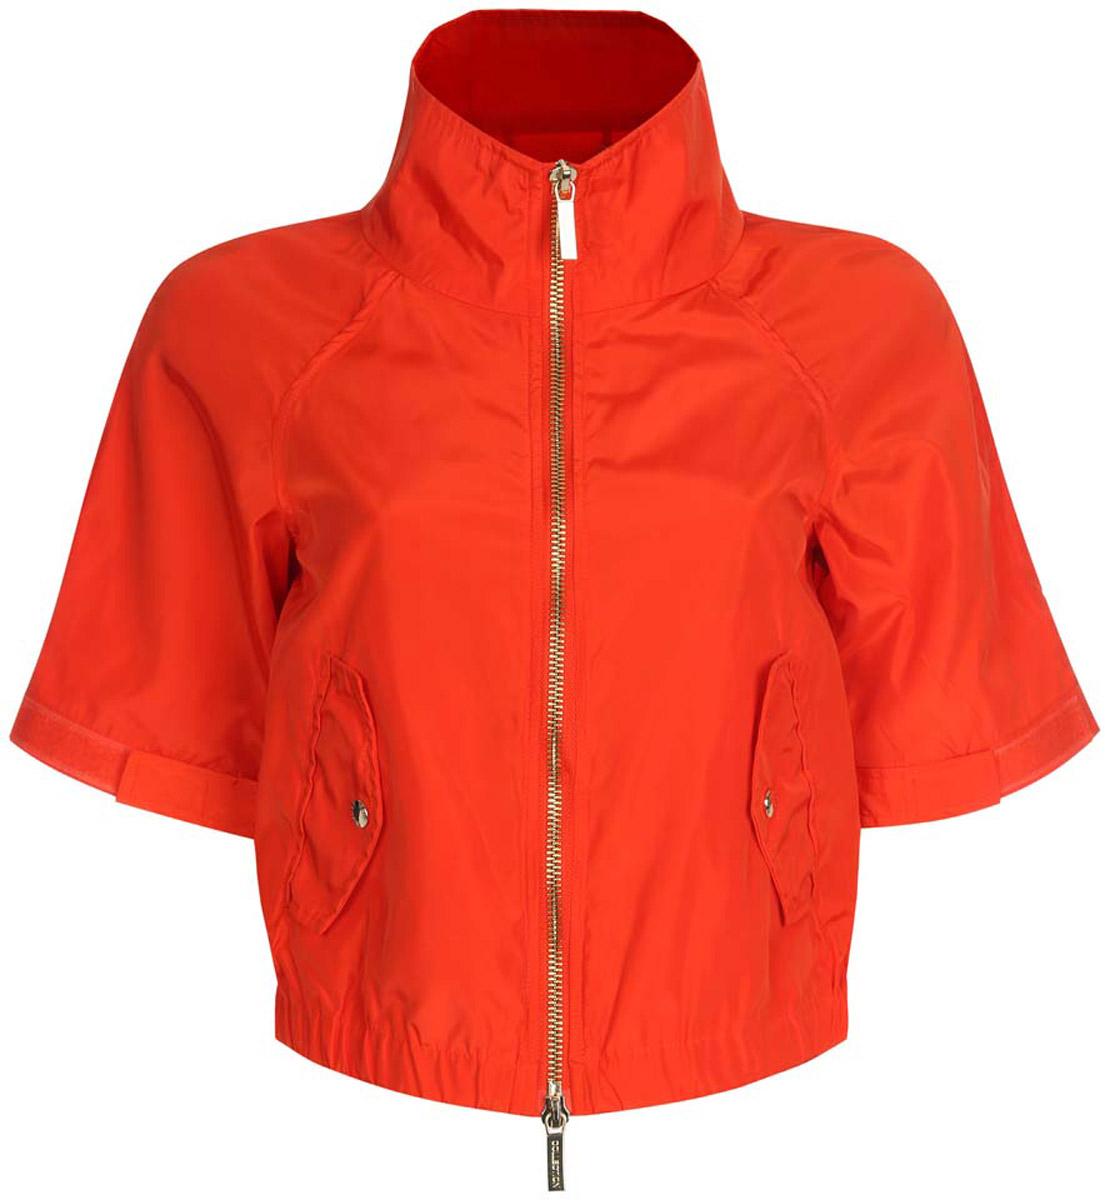 Куртка женская oodji Ultra, цвет: оранжевый. 10307004/45462/4500N. Размер 38-170 (44-170)10307004/45462/4500NСтильная женская куртка oodji Ultra выполнена из качественного полиэстера. Куртка укороченной модели с рукавами-реглан длиной 3/4 и воротником-стойкой. Застегивается модель спереди на застежку-молнию. Низ куртки на широкой эластичной резинке. По бокам и на манжетах изделие дополнено хлястиками, которые регулируют посадку и объем с помощью липучек. Спереди куртка оформлена двумя втачными карманами с клапанами на кнопках.